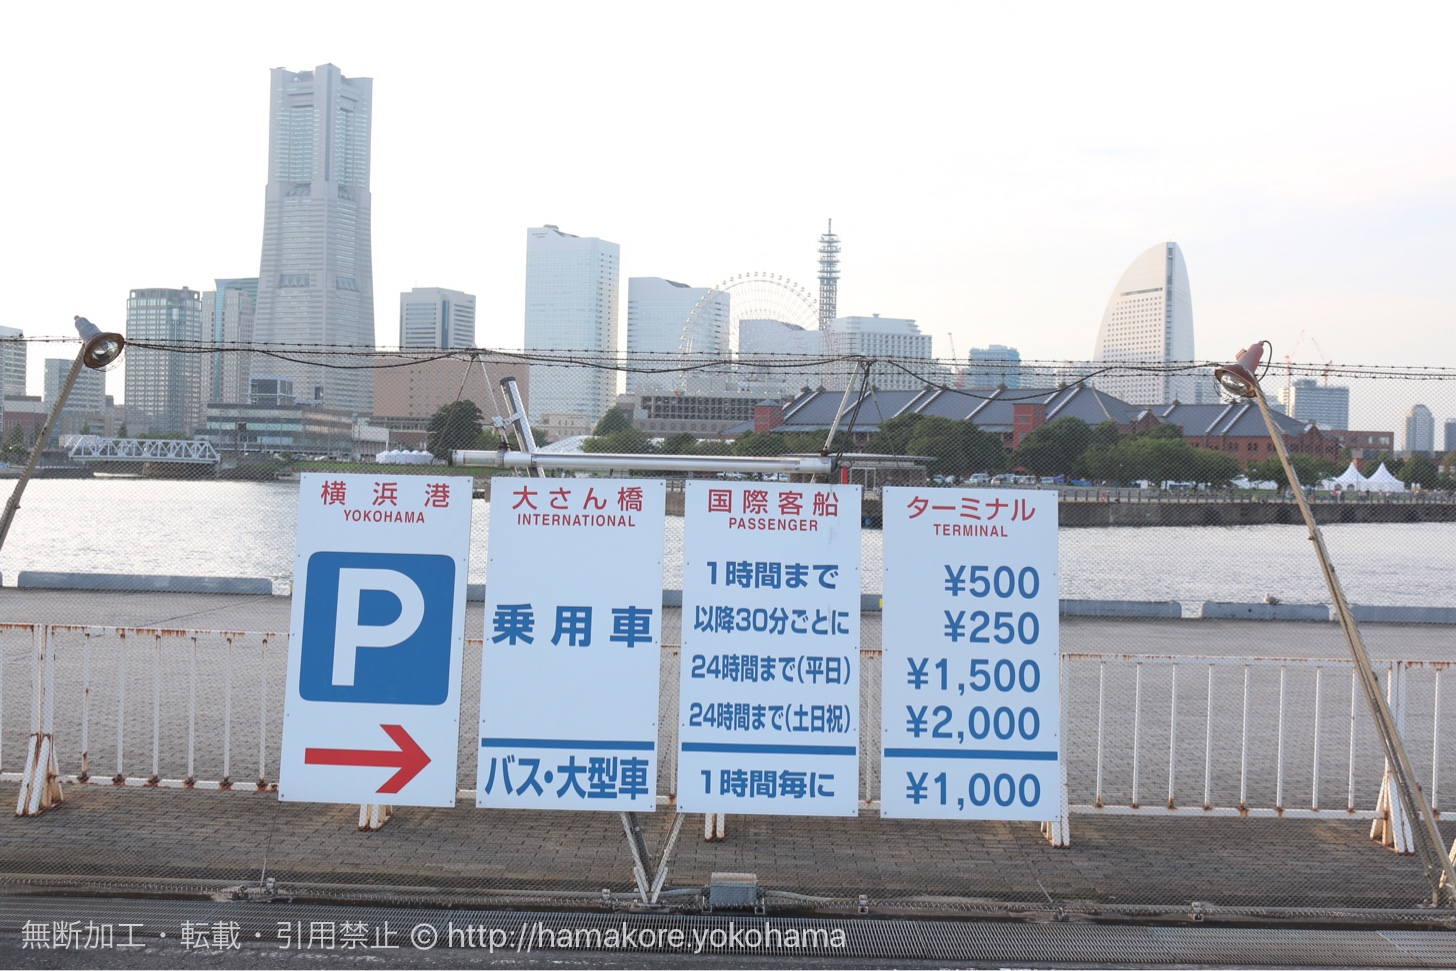 大さん橋駐車場